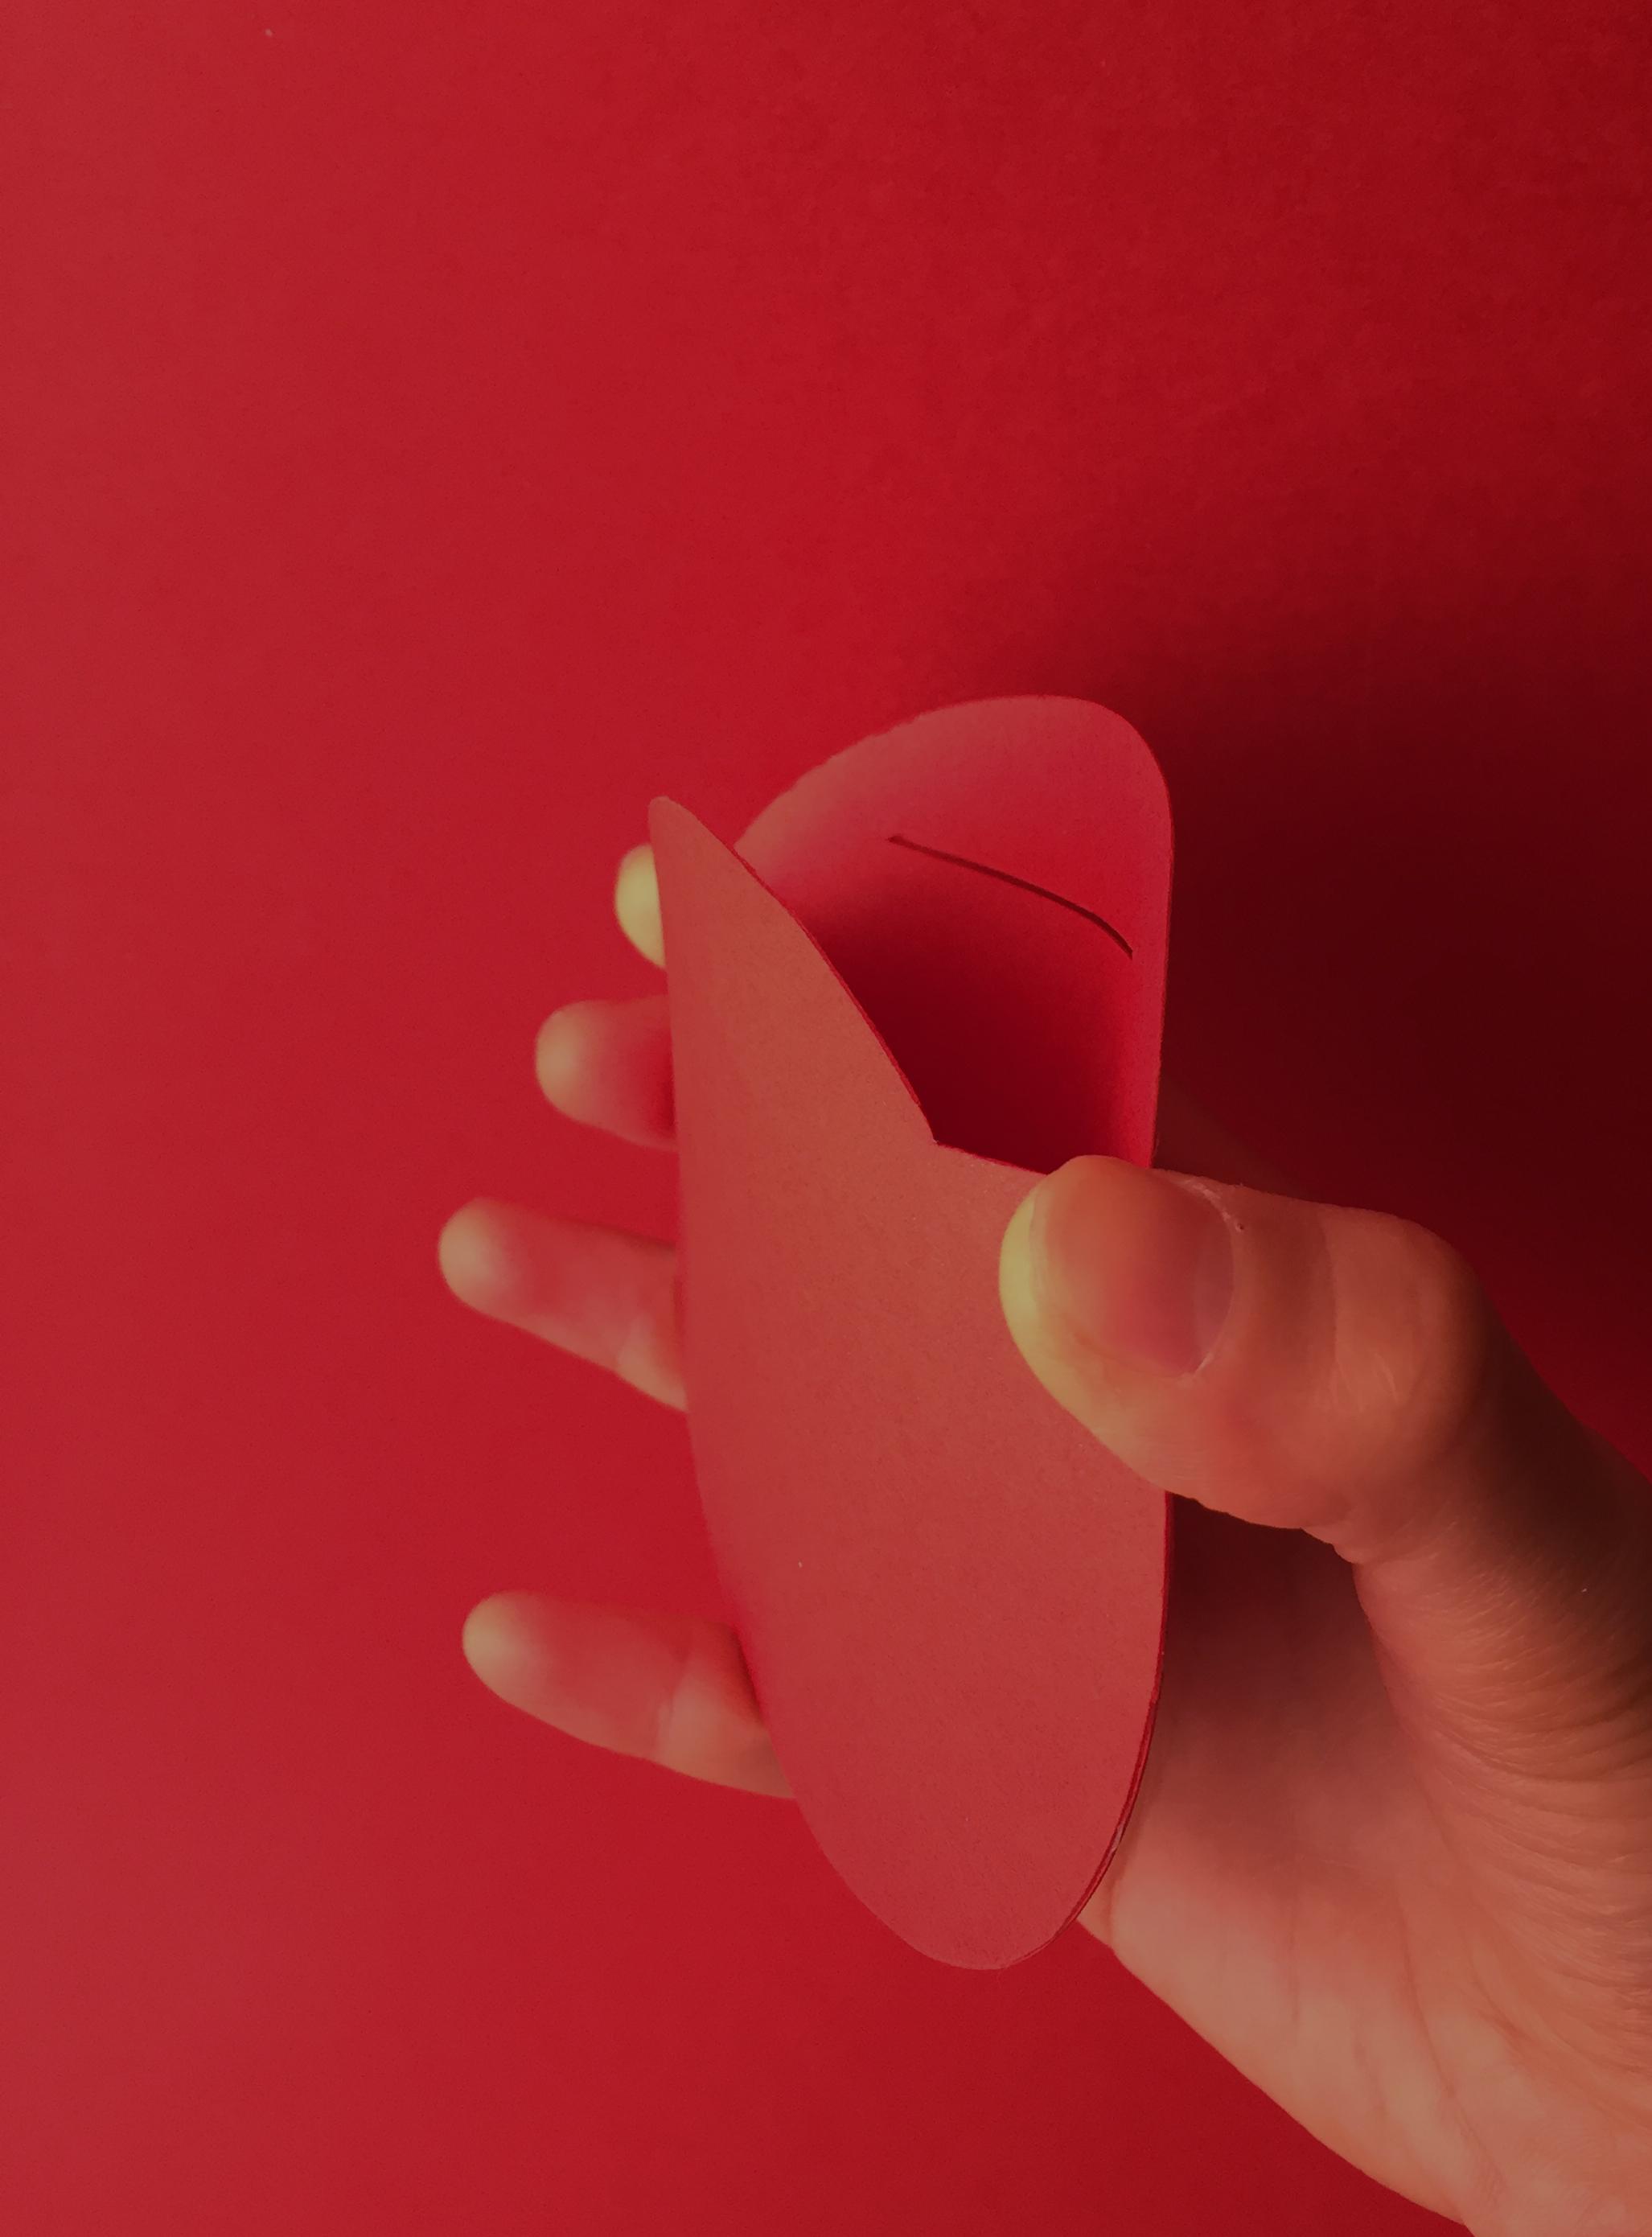 Red Pocket_Shel Han_4.jpg